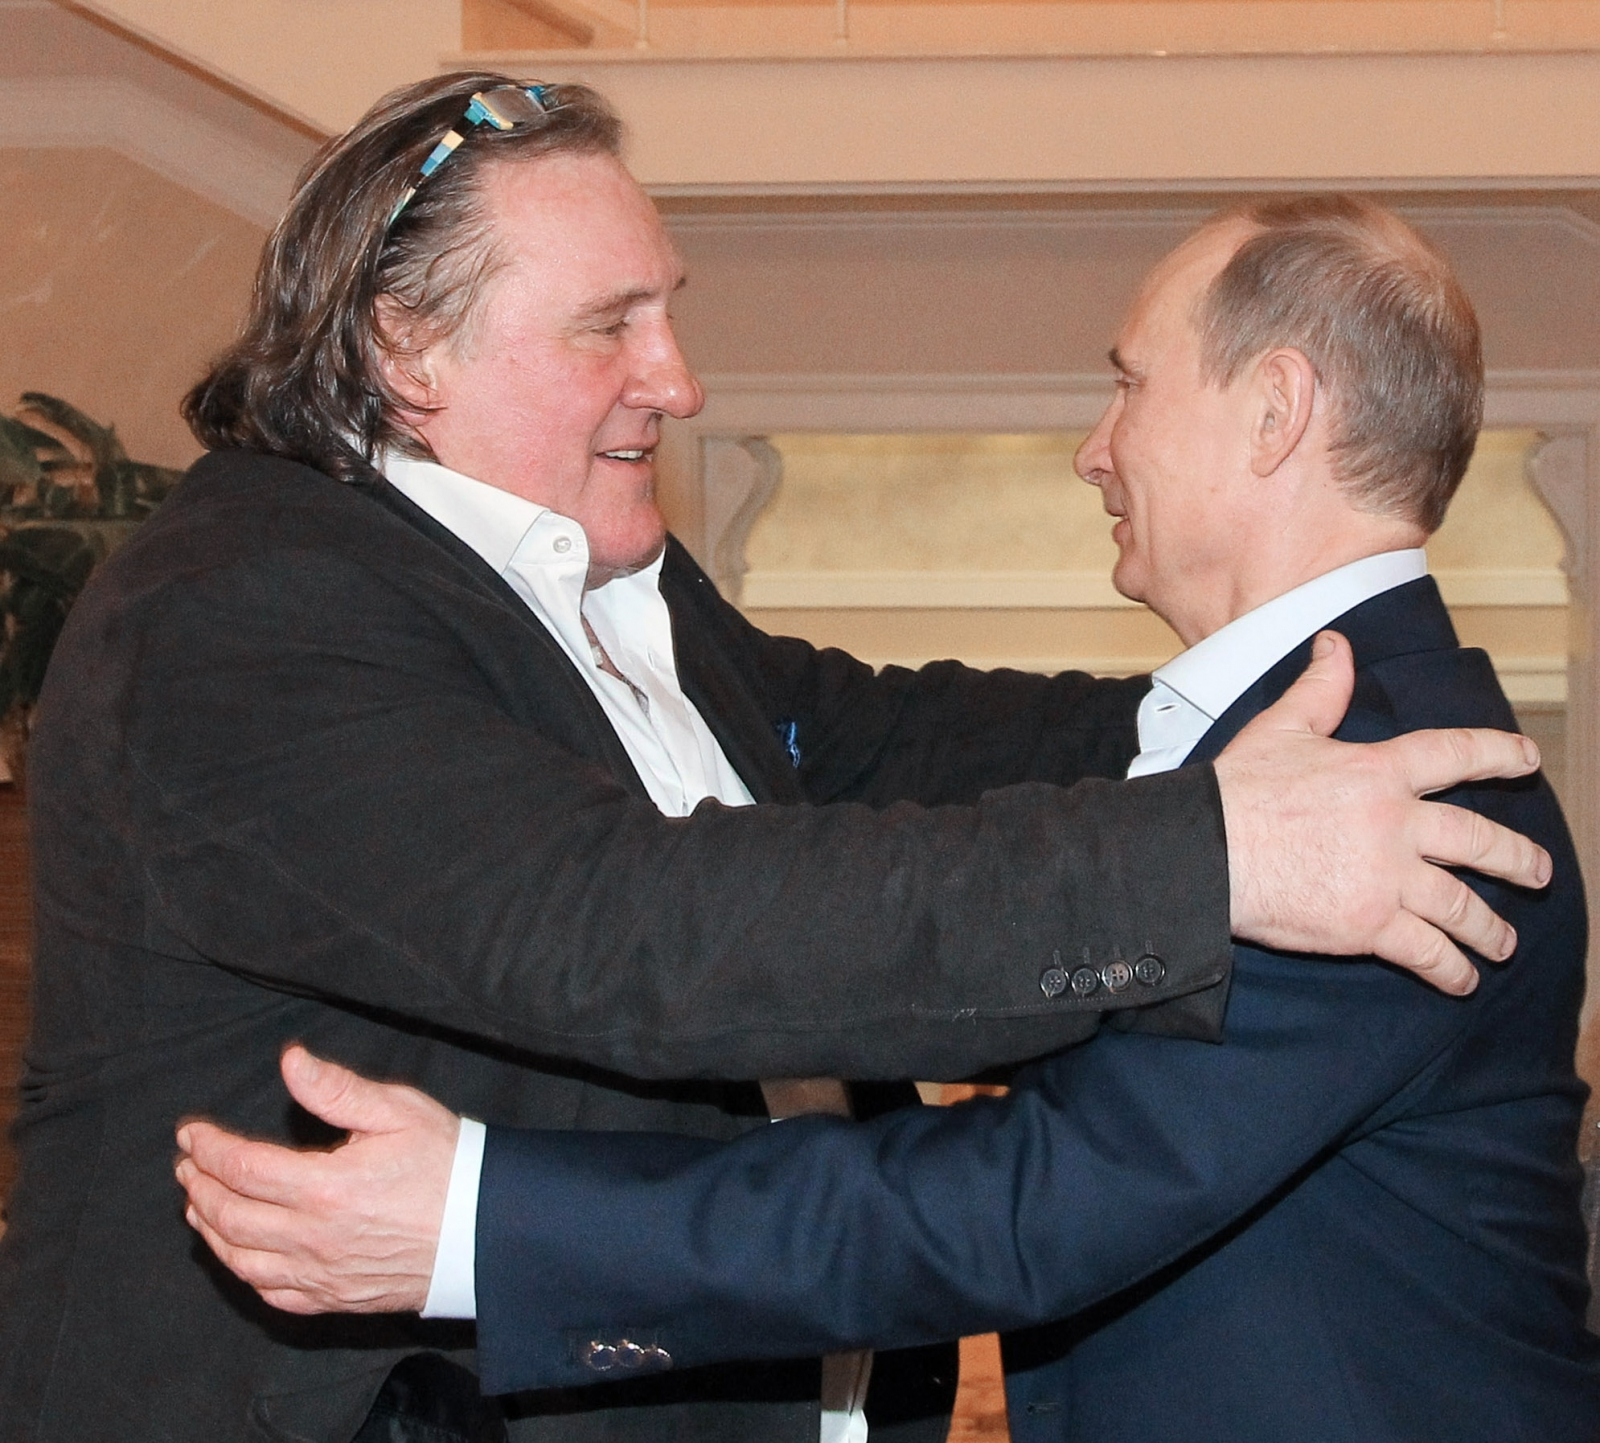 Gerard Depardieu and Putin